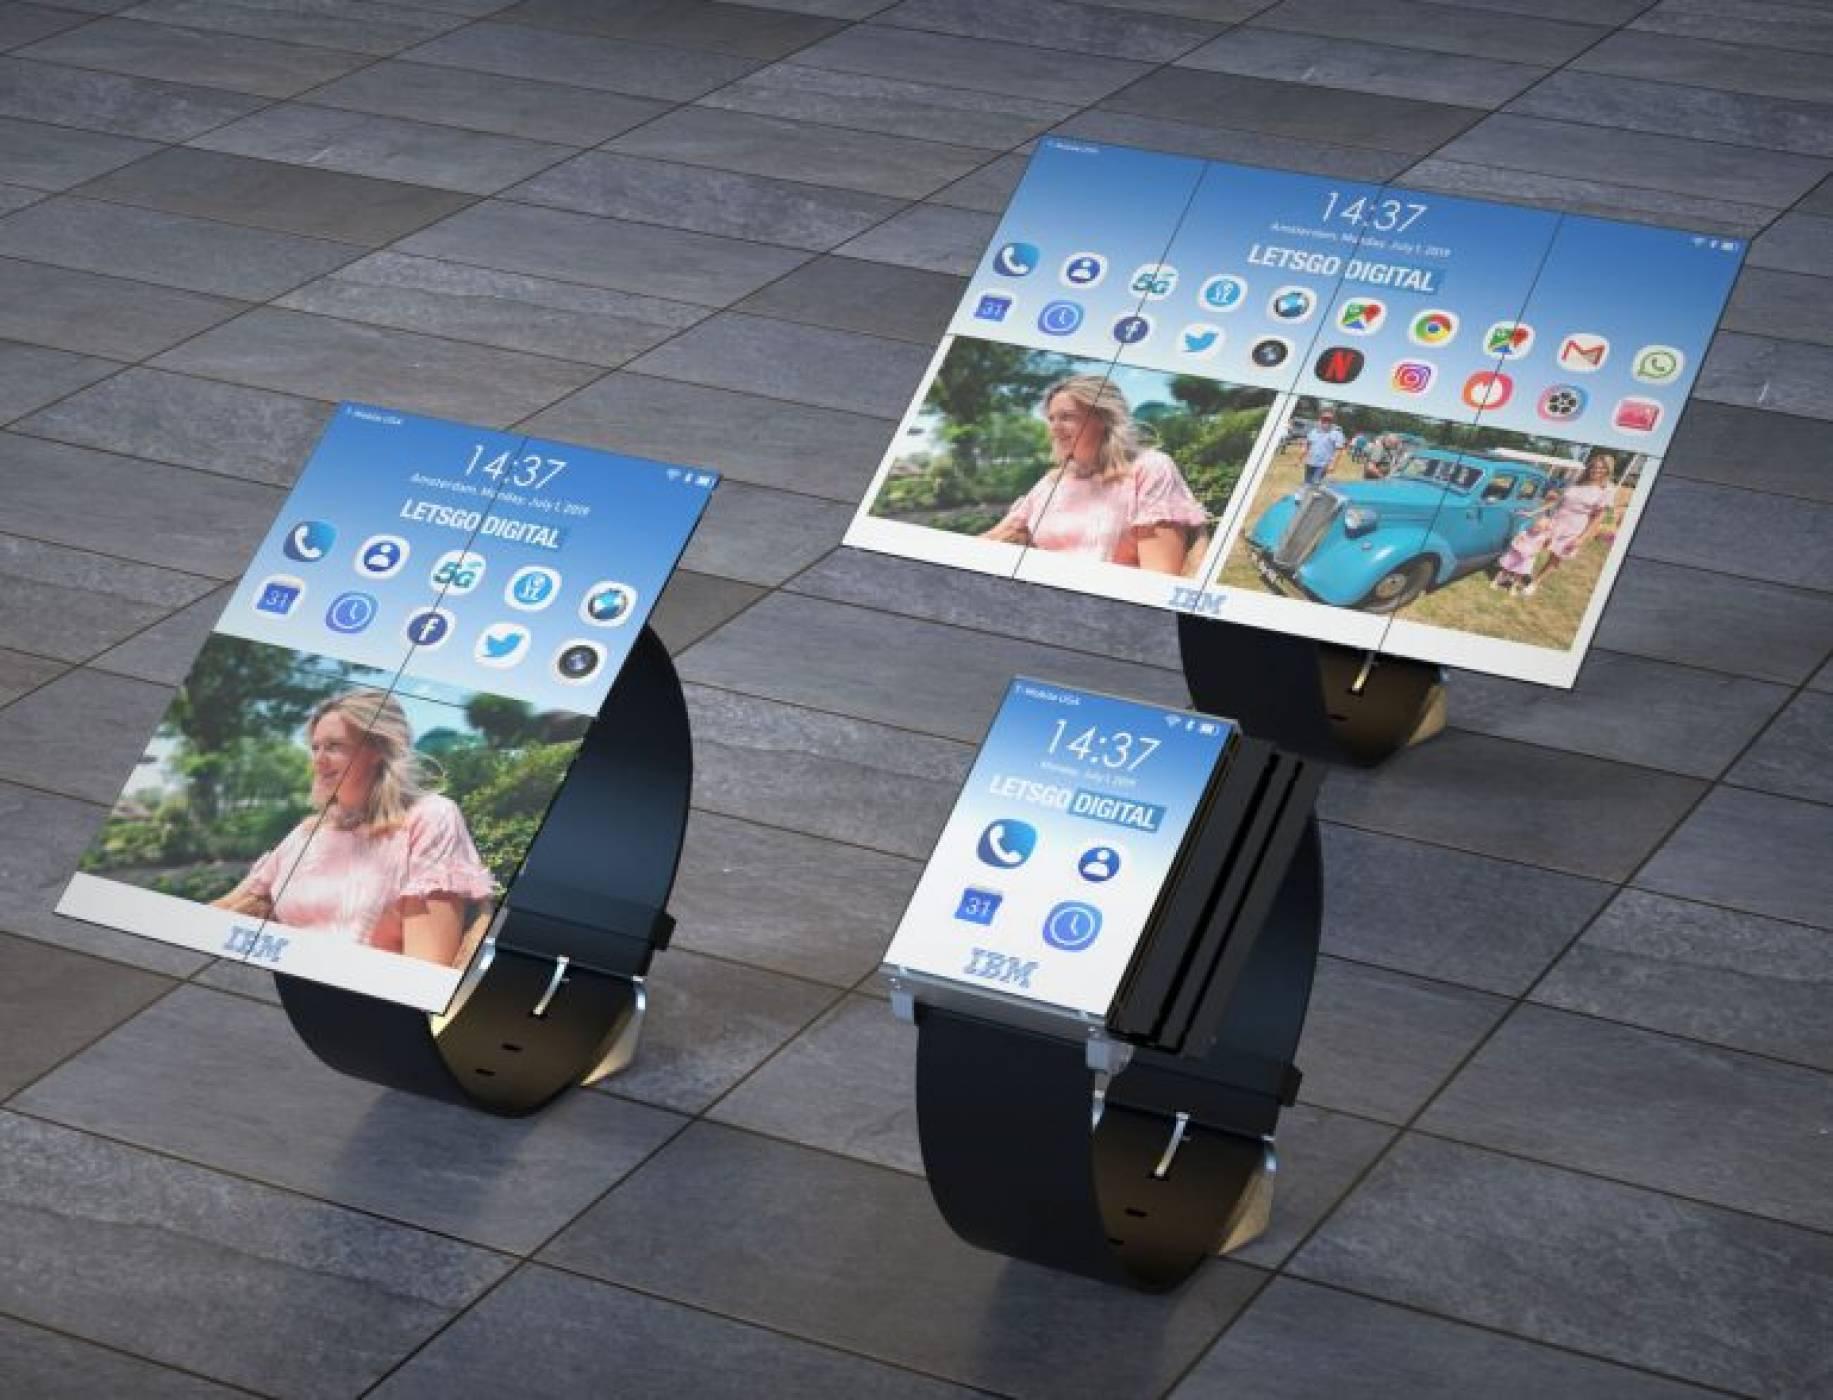 IBM ни показва бъдещето на смарт часовниците (СНИМКИ)